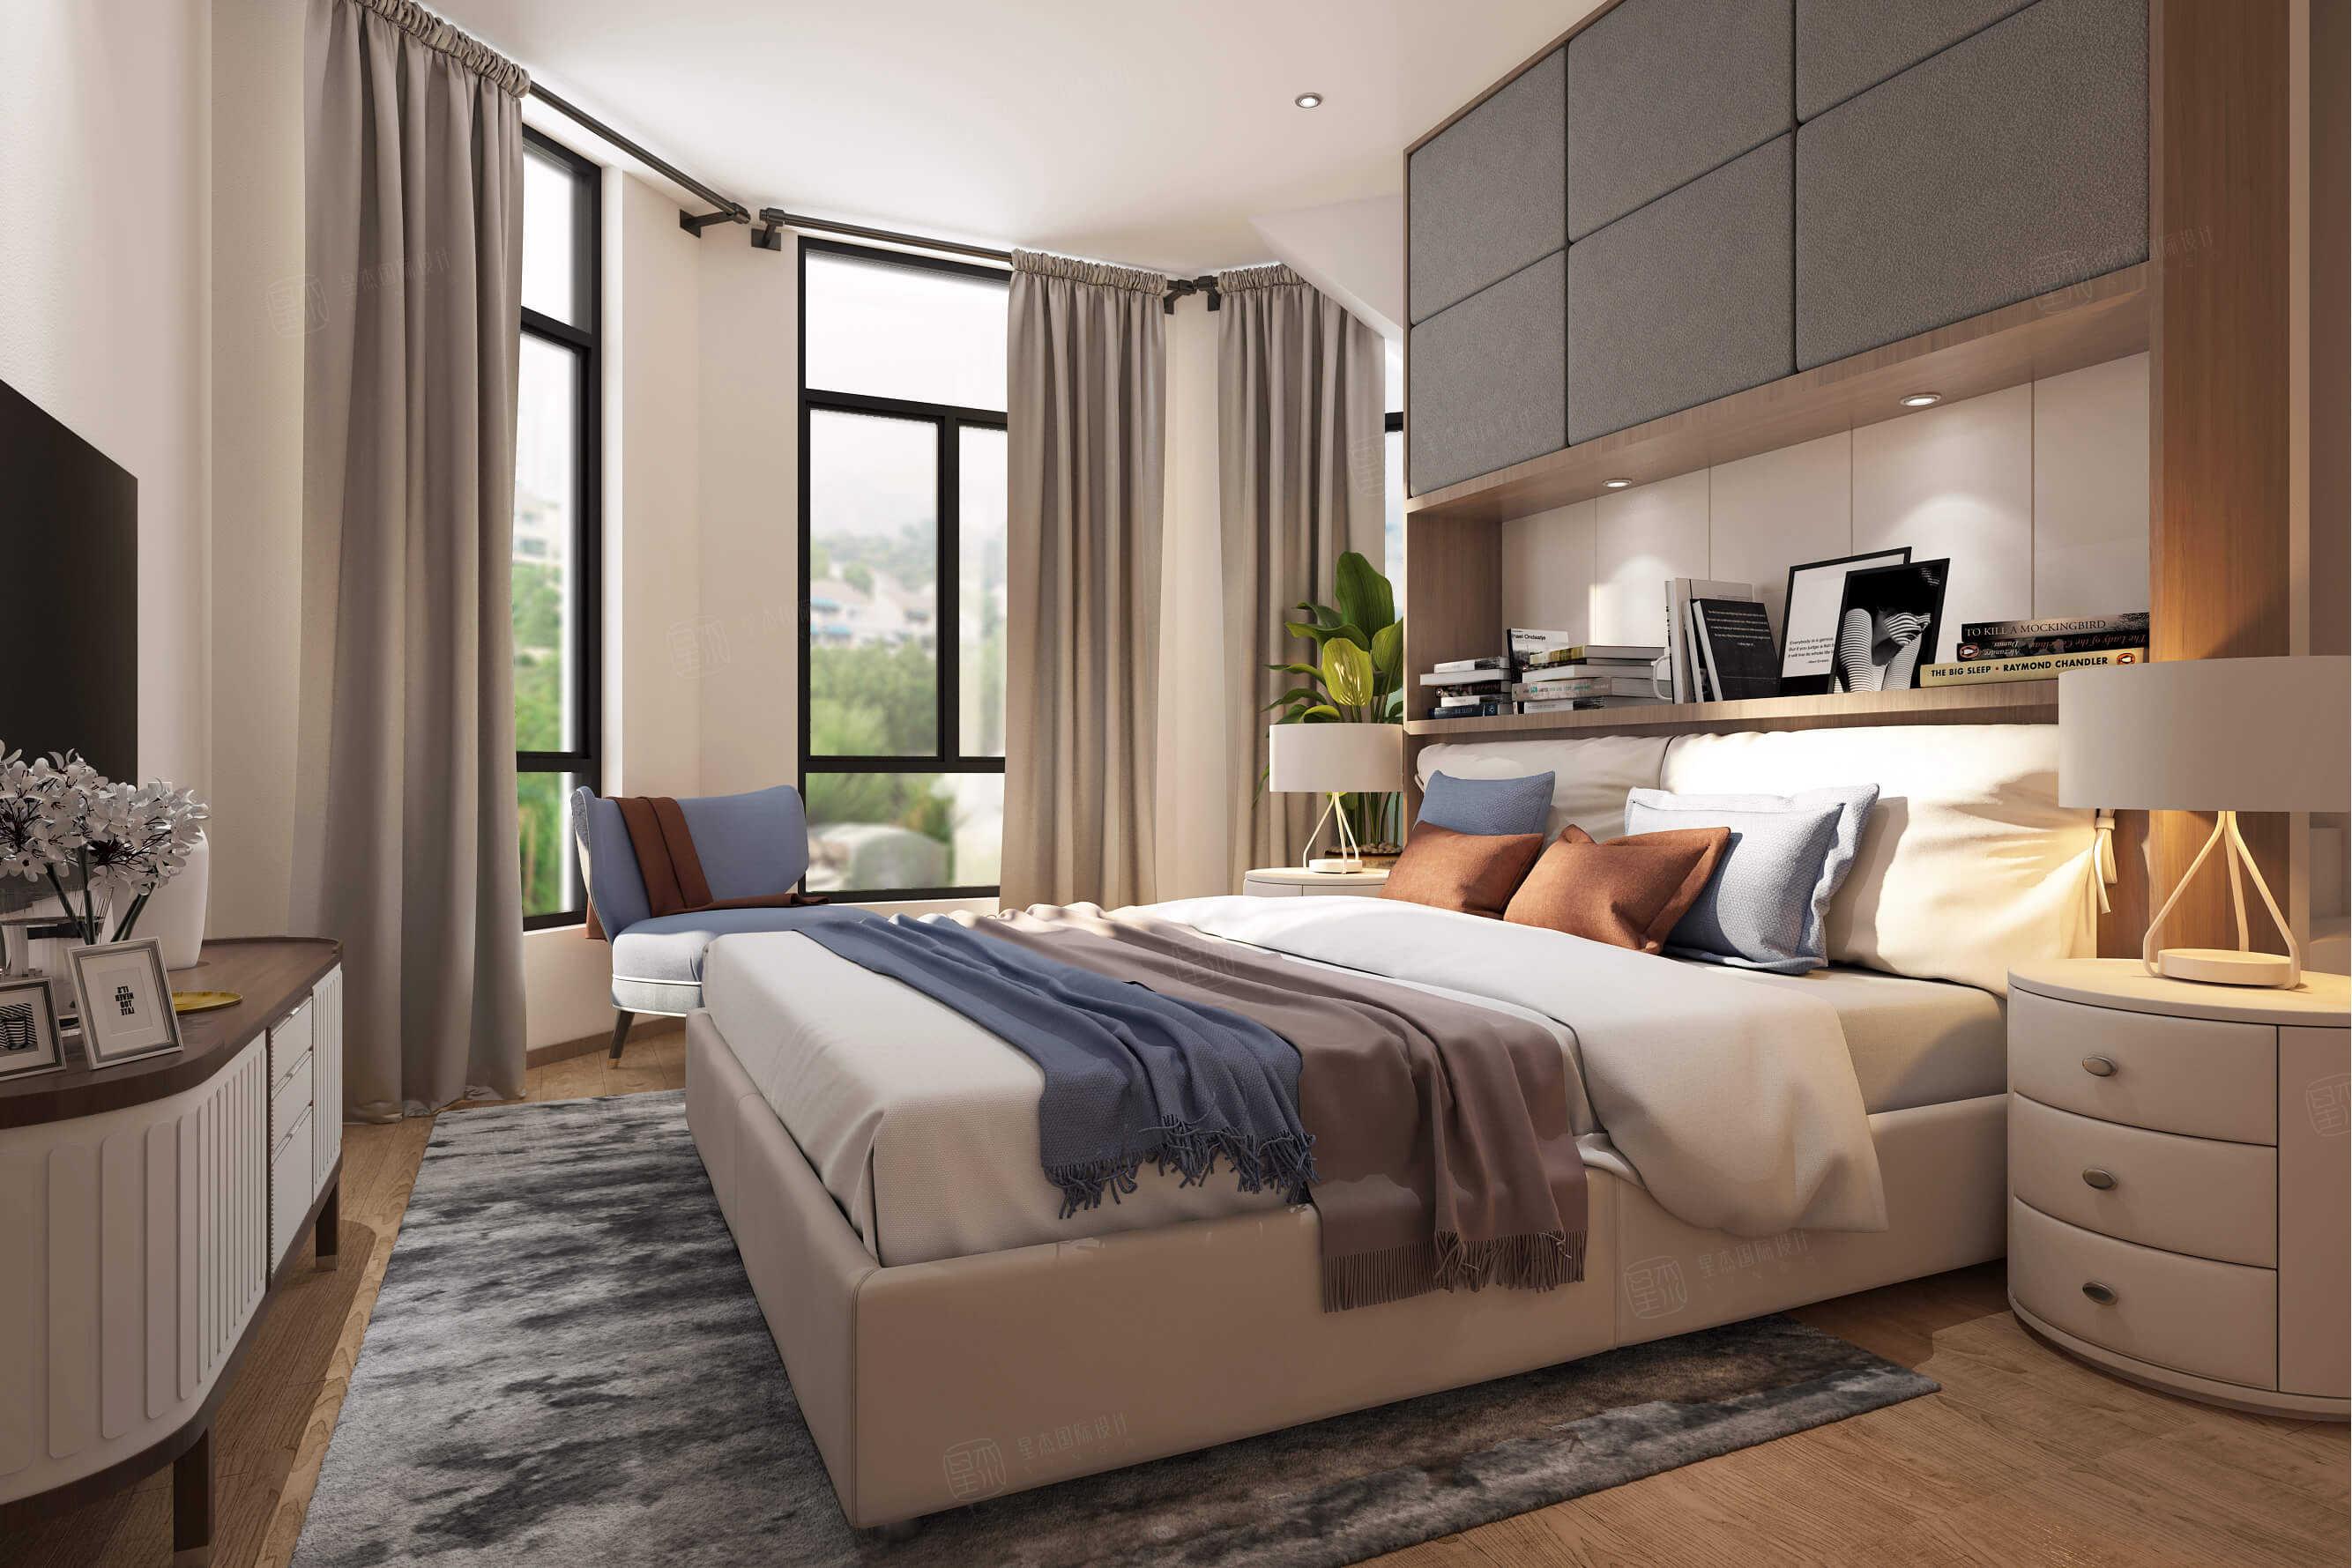 四季御庭 现代简约装修卧室效果图